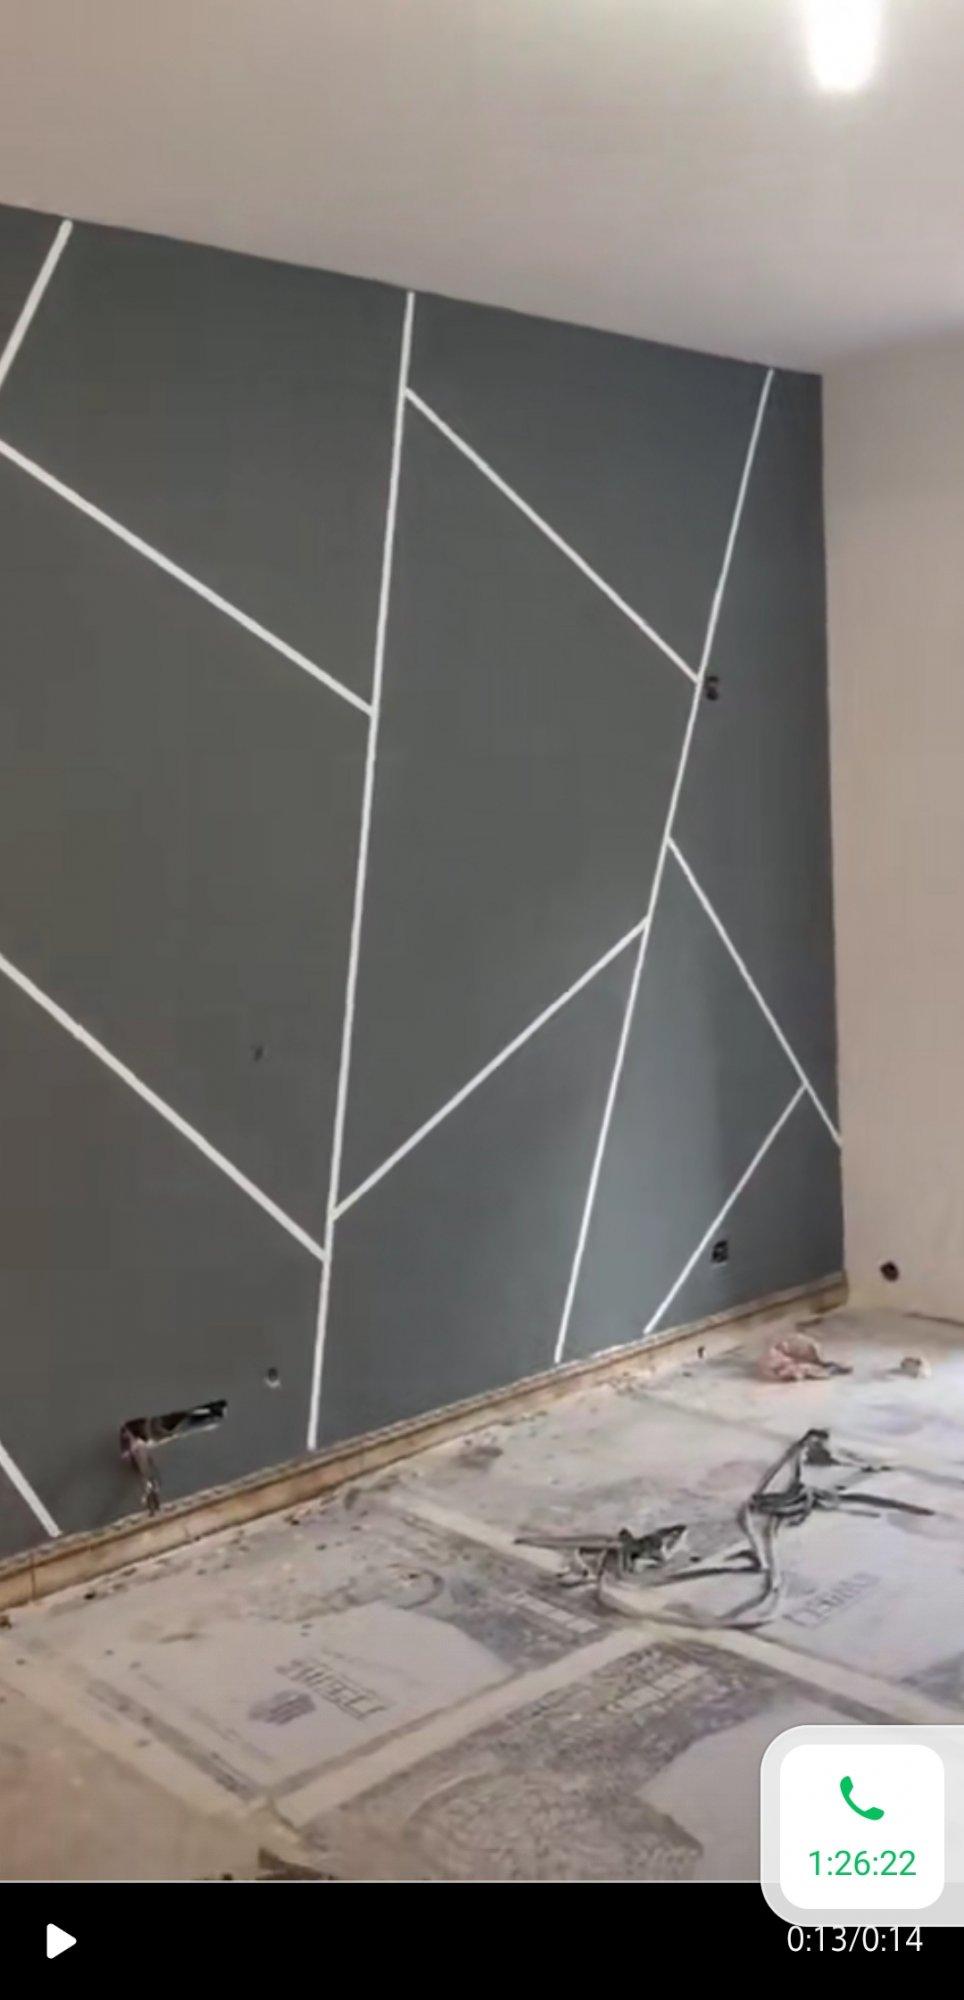 想做个简单的影视墙,用硅藻泥和乳胶漆能差多少钱?效果上有有什么区别?